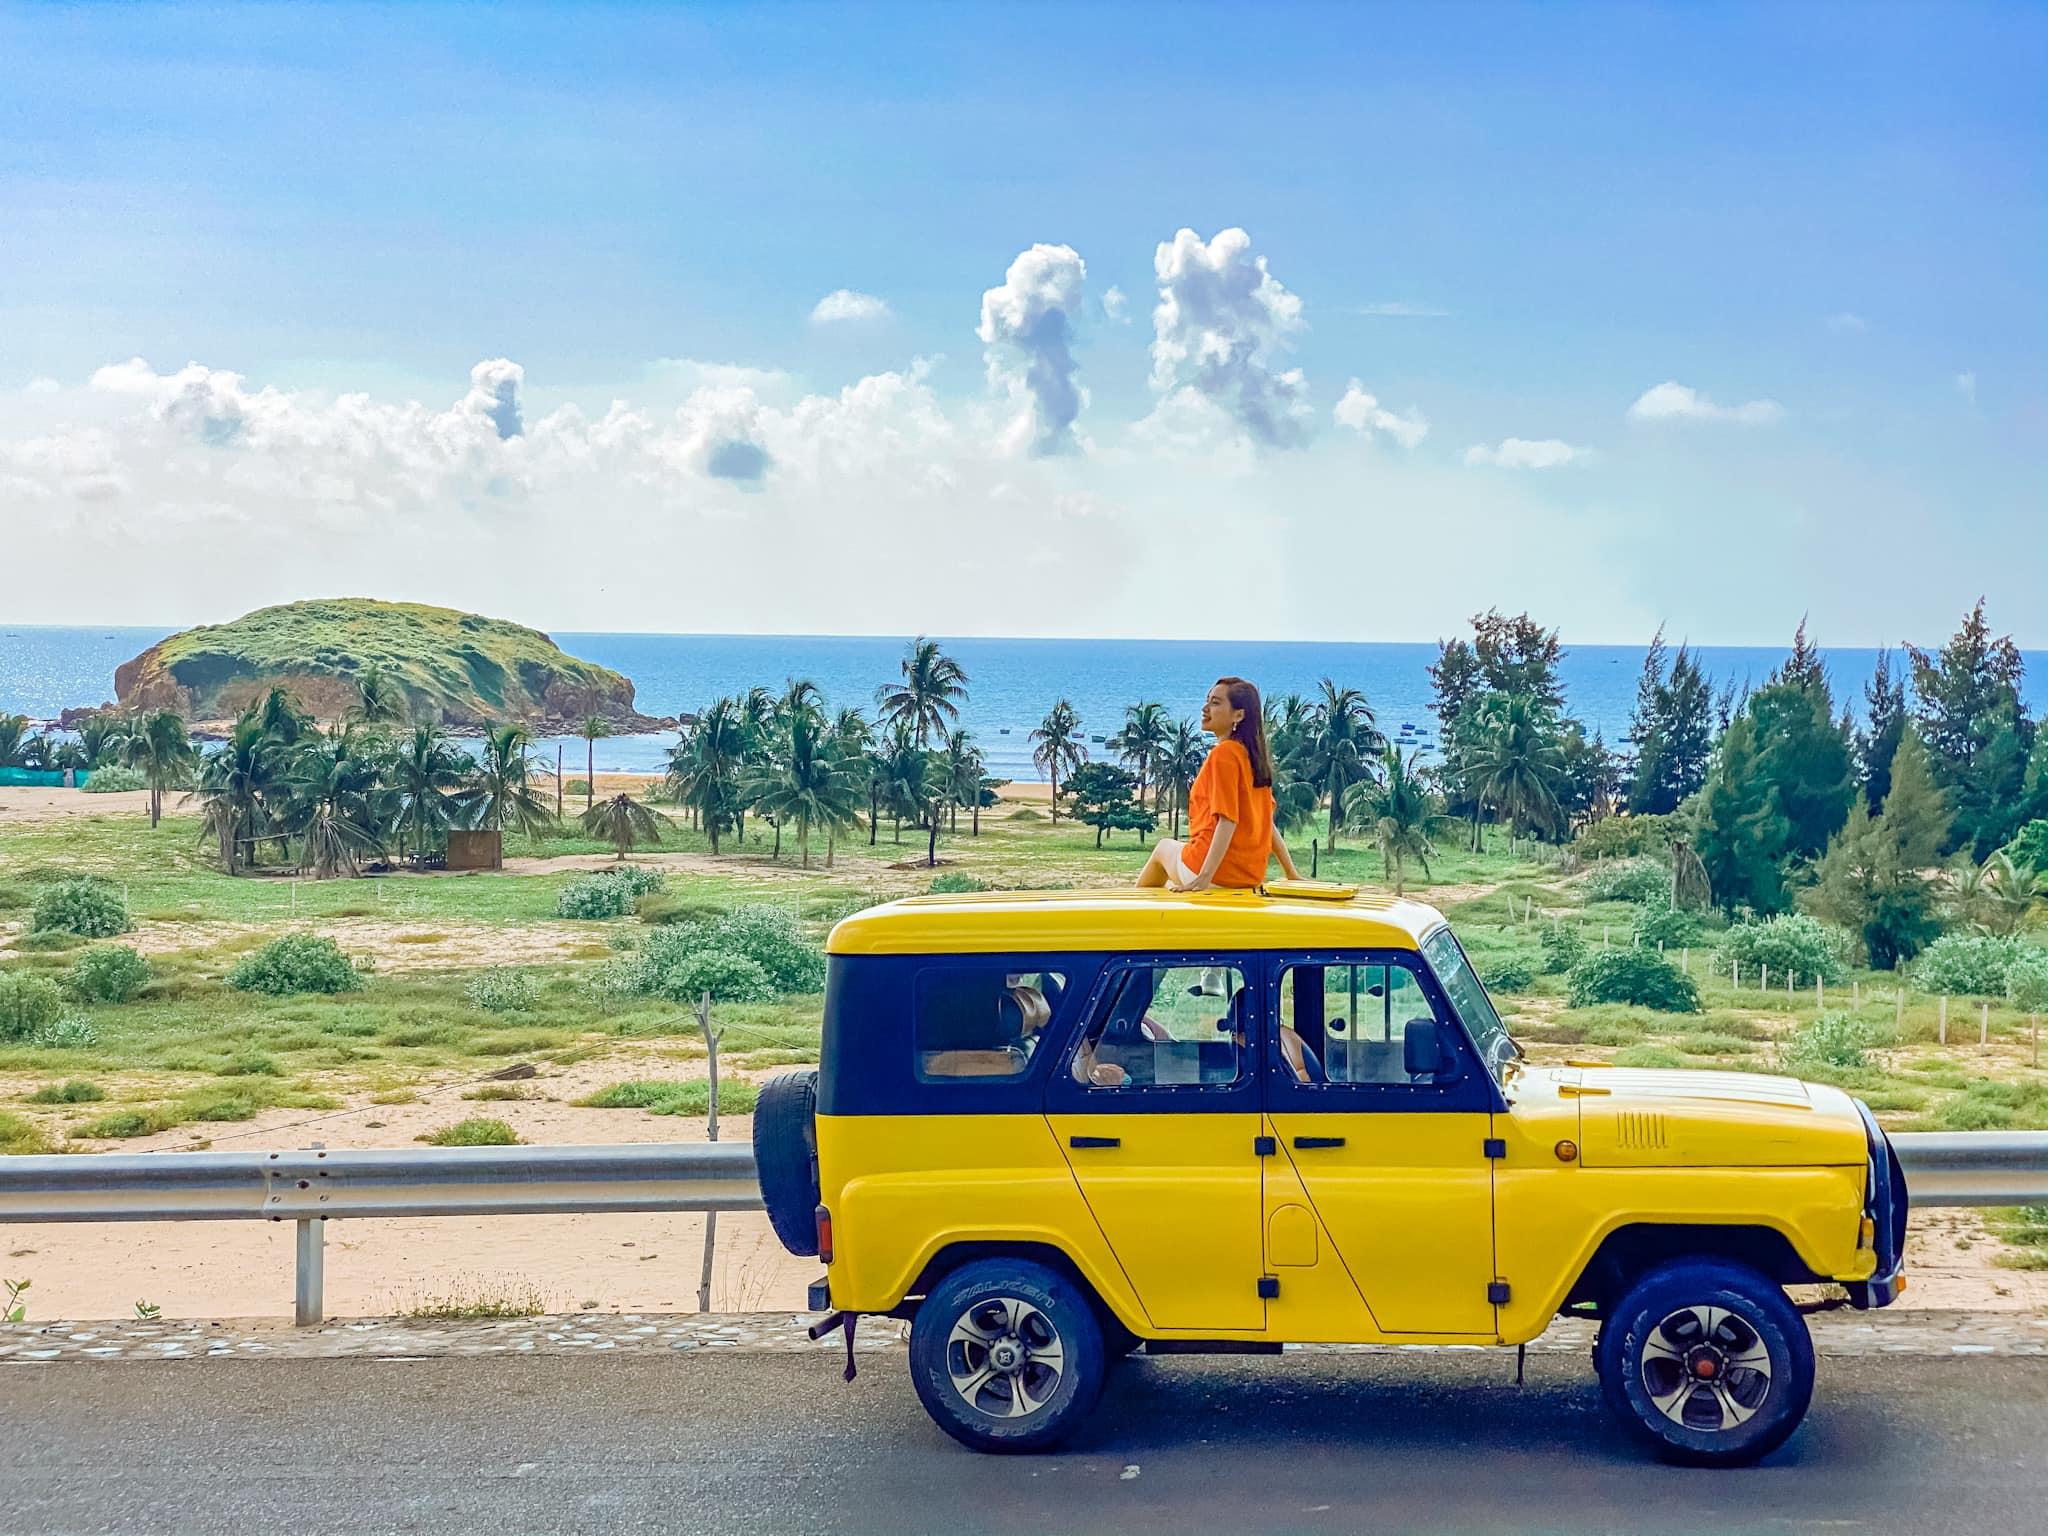 Du lịch Mũi Né bằng xe Jeep